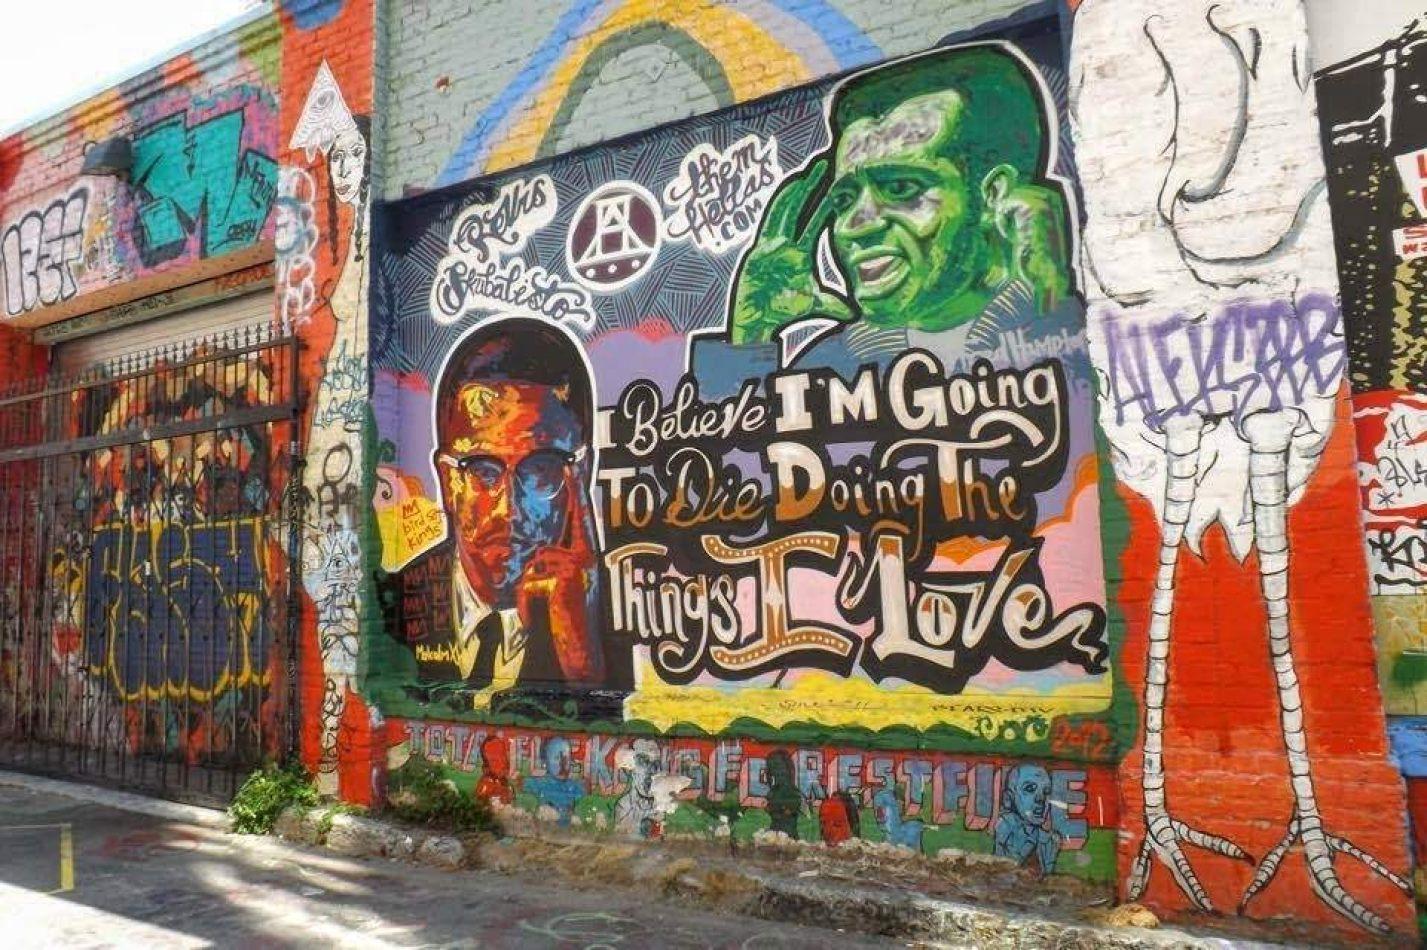 Hibiscus & Nomada : - - Clarion Alley, SF